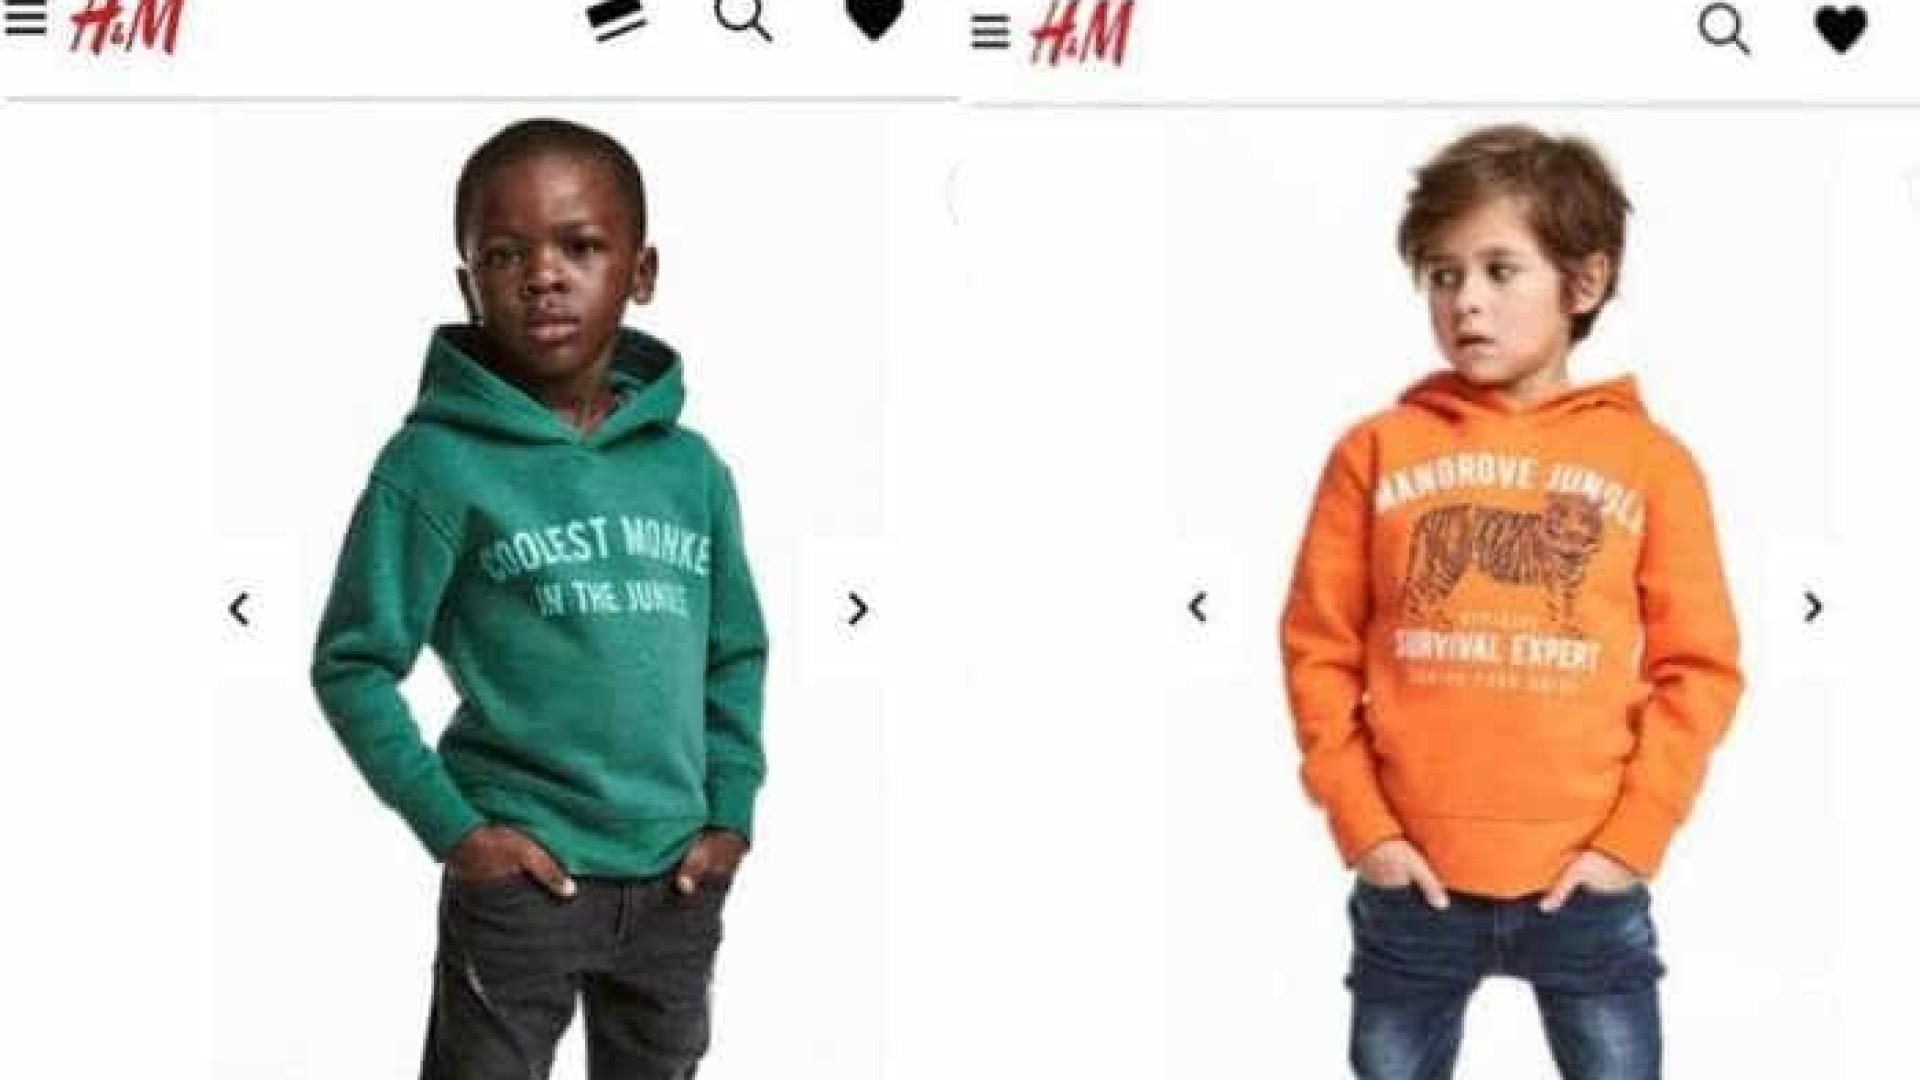 Acusada de racismo, H&M retira propaganda de site